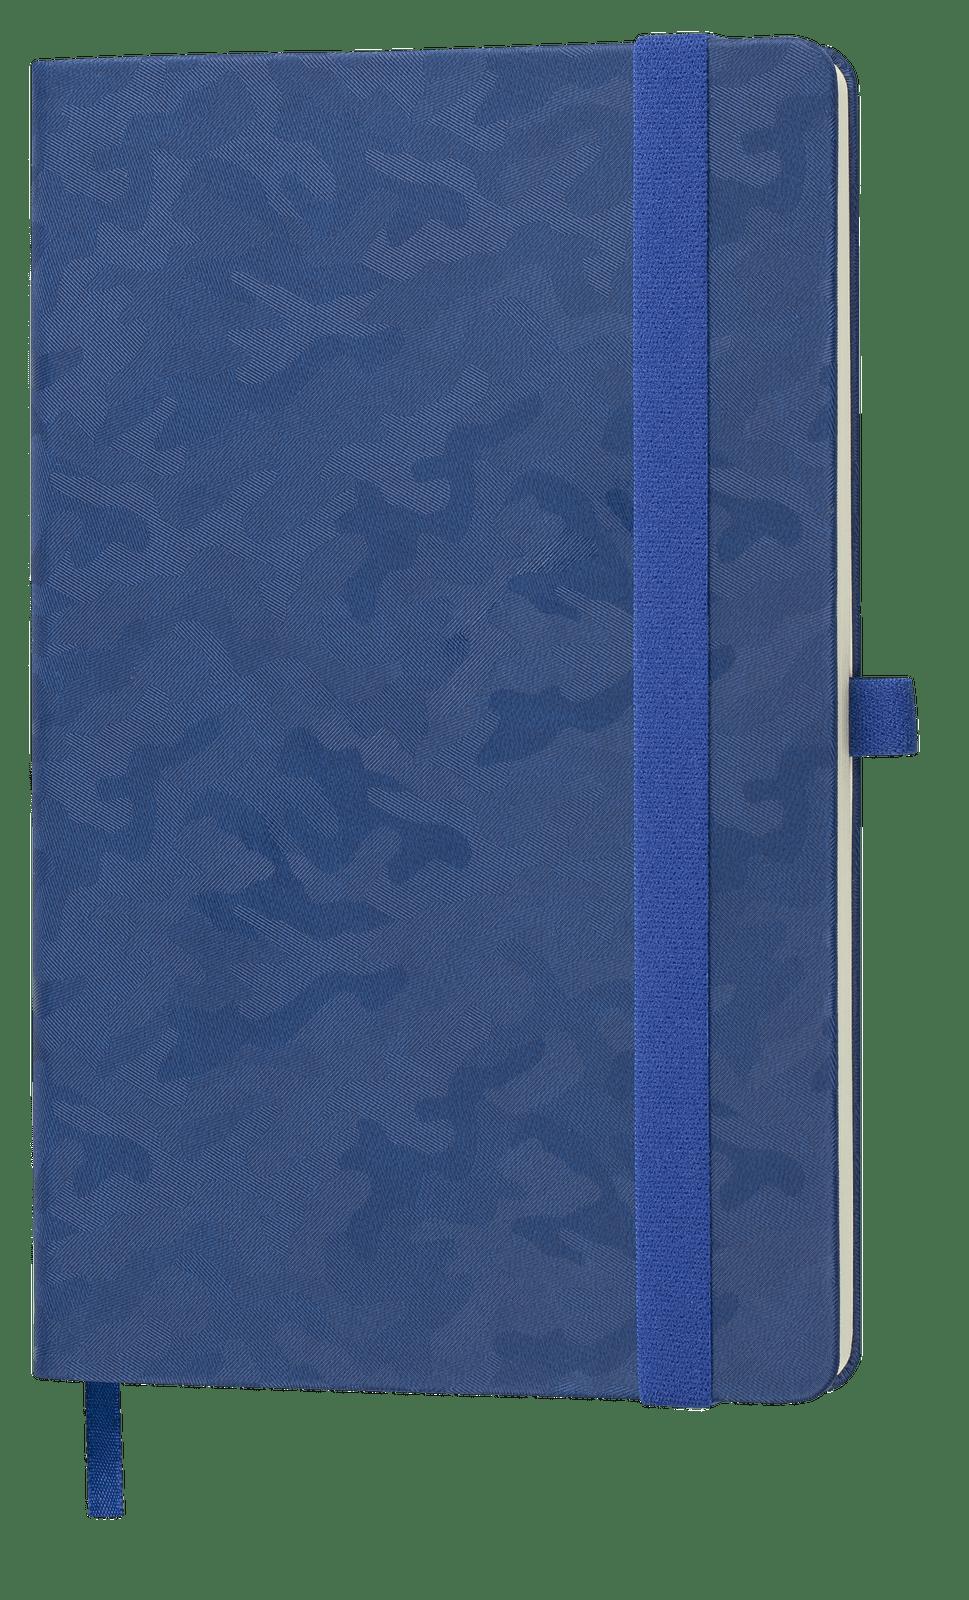 TM21224_26 - Tabby Justy azul marino